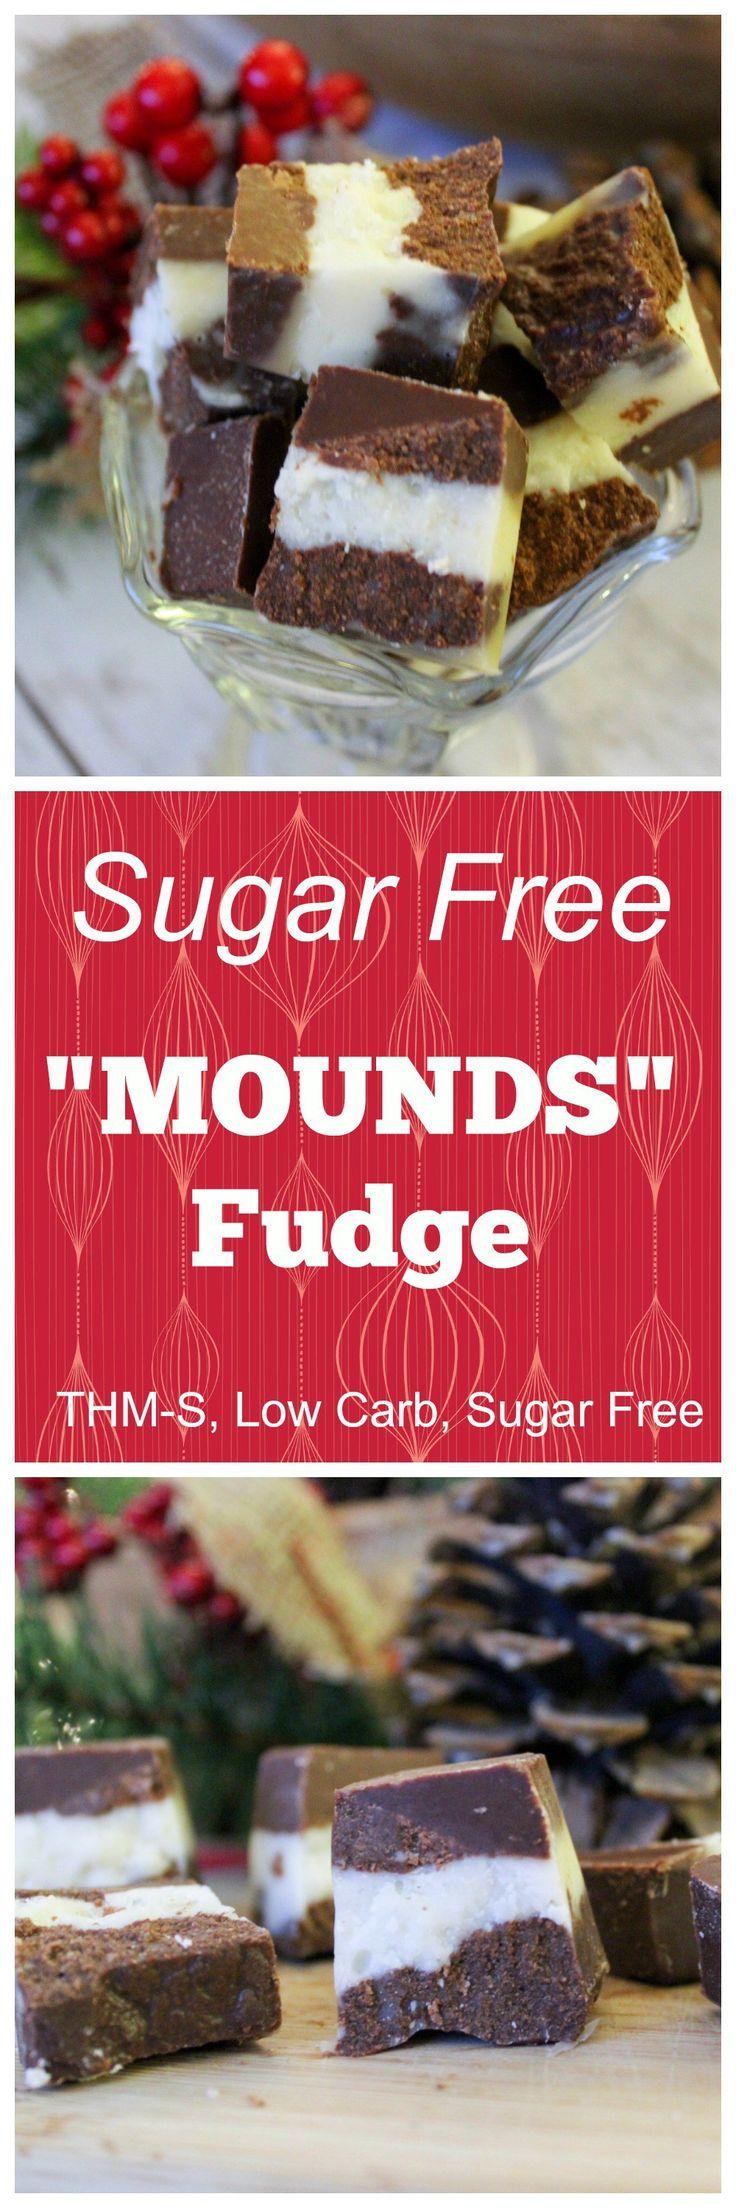 """Sugar Free """"Mounds"""" Fudge (THM-S, Low Carb, Sugar Free)"""